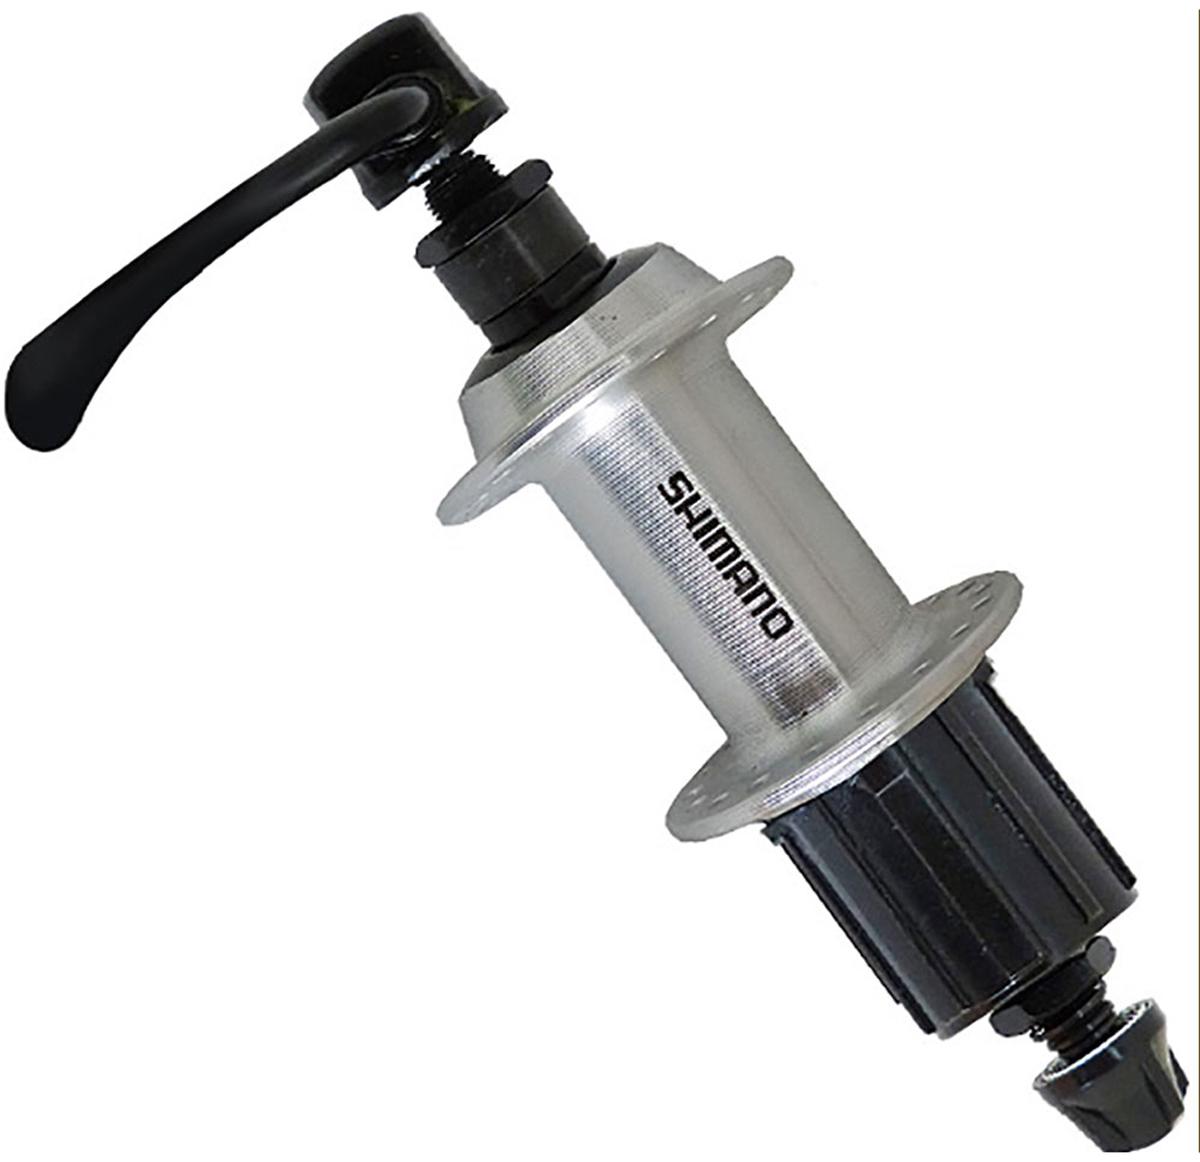 Втулка задняя Shimano TX500, v-br, 36 отверстий, 8/9ск, QR, old: 135 мм, цвет: серебристый запчасть shimano tourney ty701 175 мм 42 34 24 efcty701e244cs1